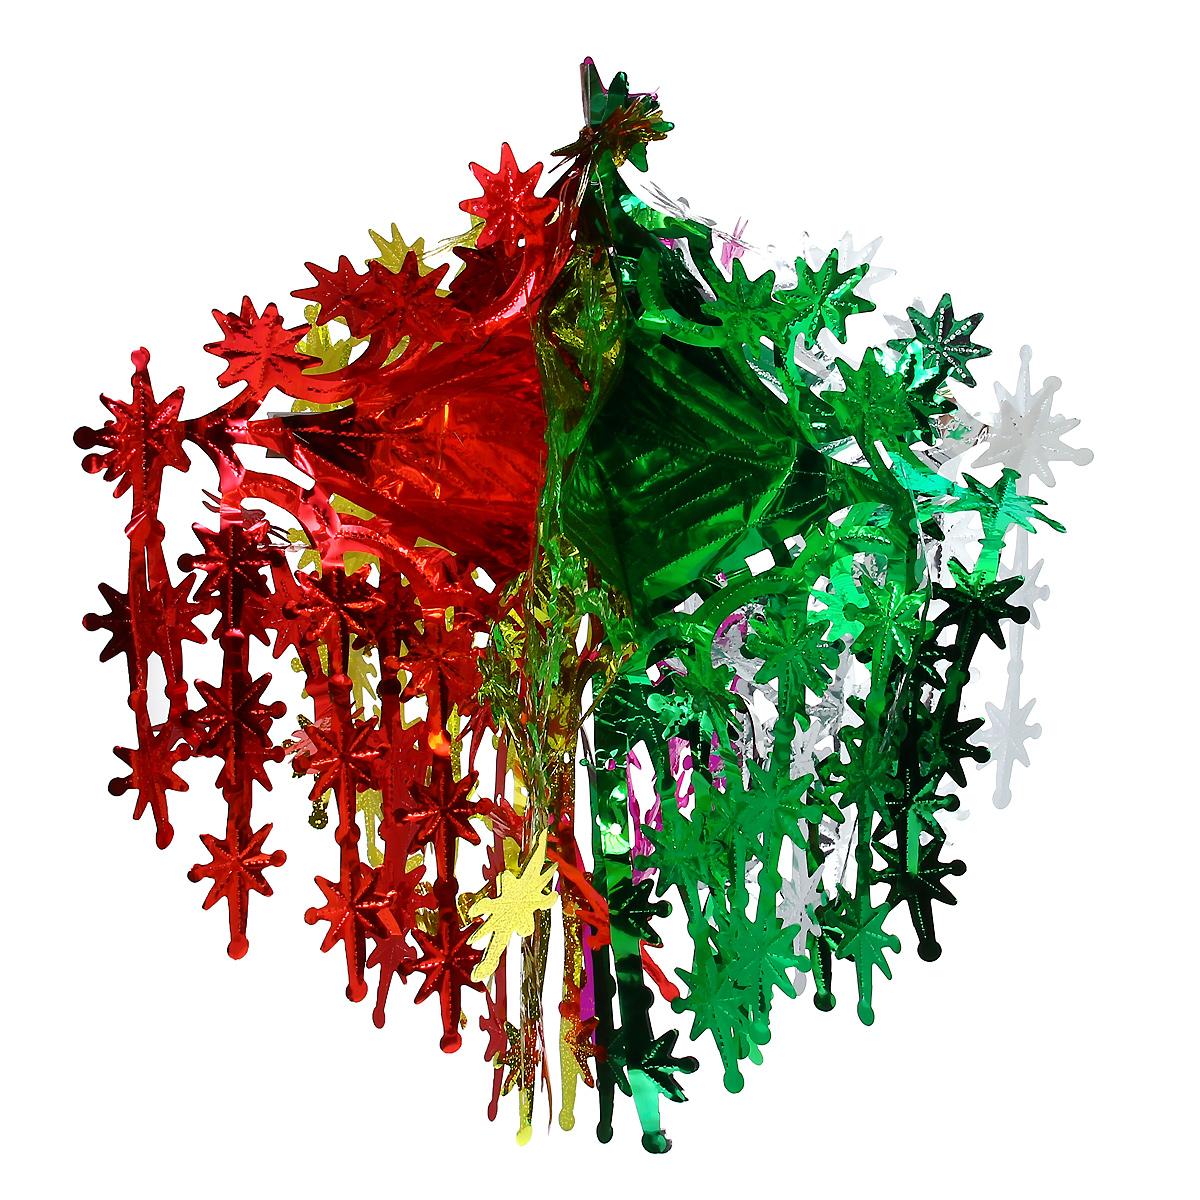 Новогодняя гирлянда Невероятные вензеля, цвет: мульти, 24 х 50 см 3438732366Новогодняя гирлянда прекрасно подойдет для декора дома или офиса. Украшение выполнено из разноцветной металлизированной фольги. С помощью специальных петелек гирлянду можно повесить в любом понравившемся вам месте. Украшение легко складывается и раскладывается. Новогодние украшения несут в себе волшебство и красоту праздника. Они помогут вам украсить дом к предстоящим праздникам и оживить интерьер по вашему вкусу. Создайте в доме атмосферу тепла, веселья и радости, украшая его всей семьей.